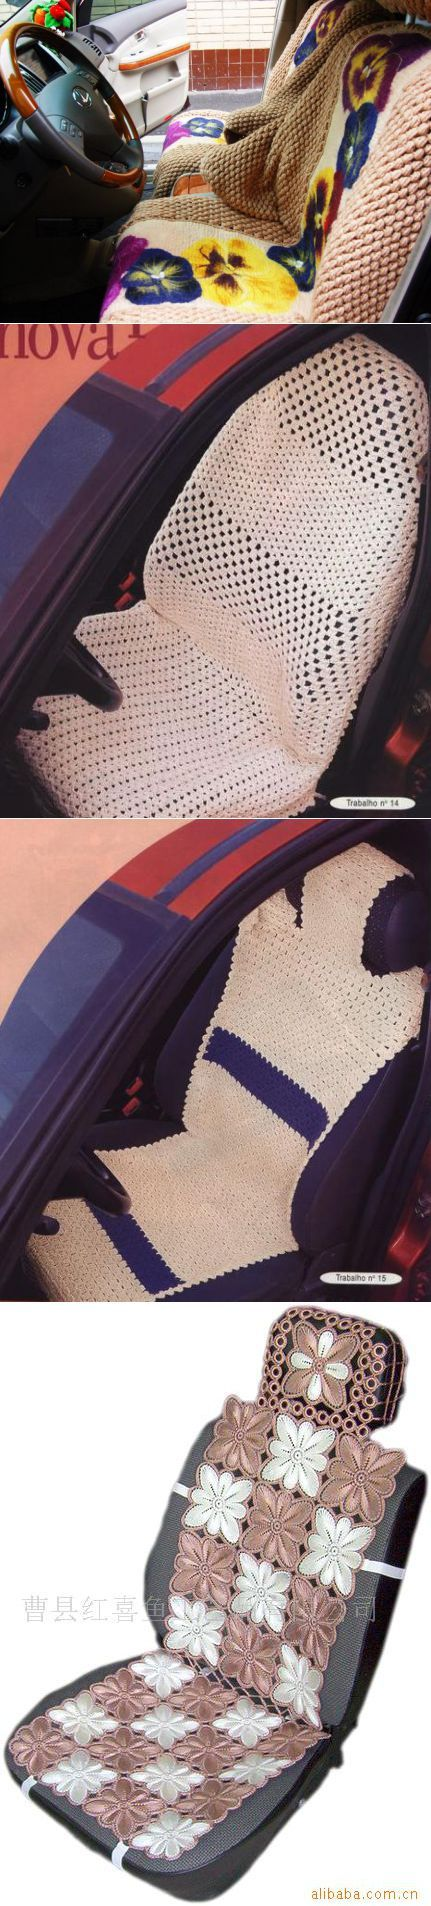 Чехлы для автомобильных кресел | Вязание крючком и спицами